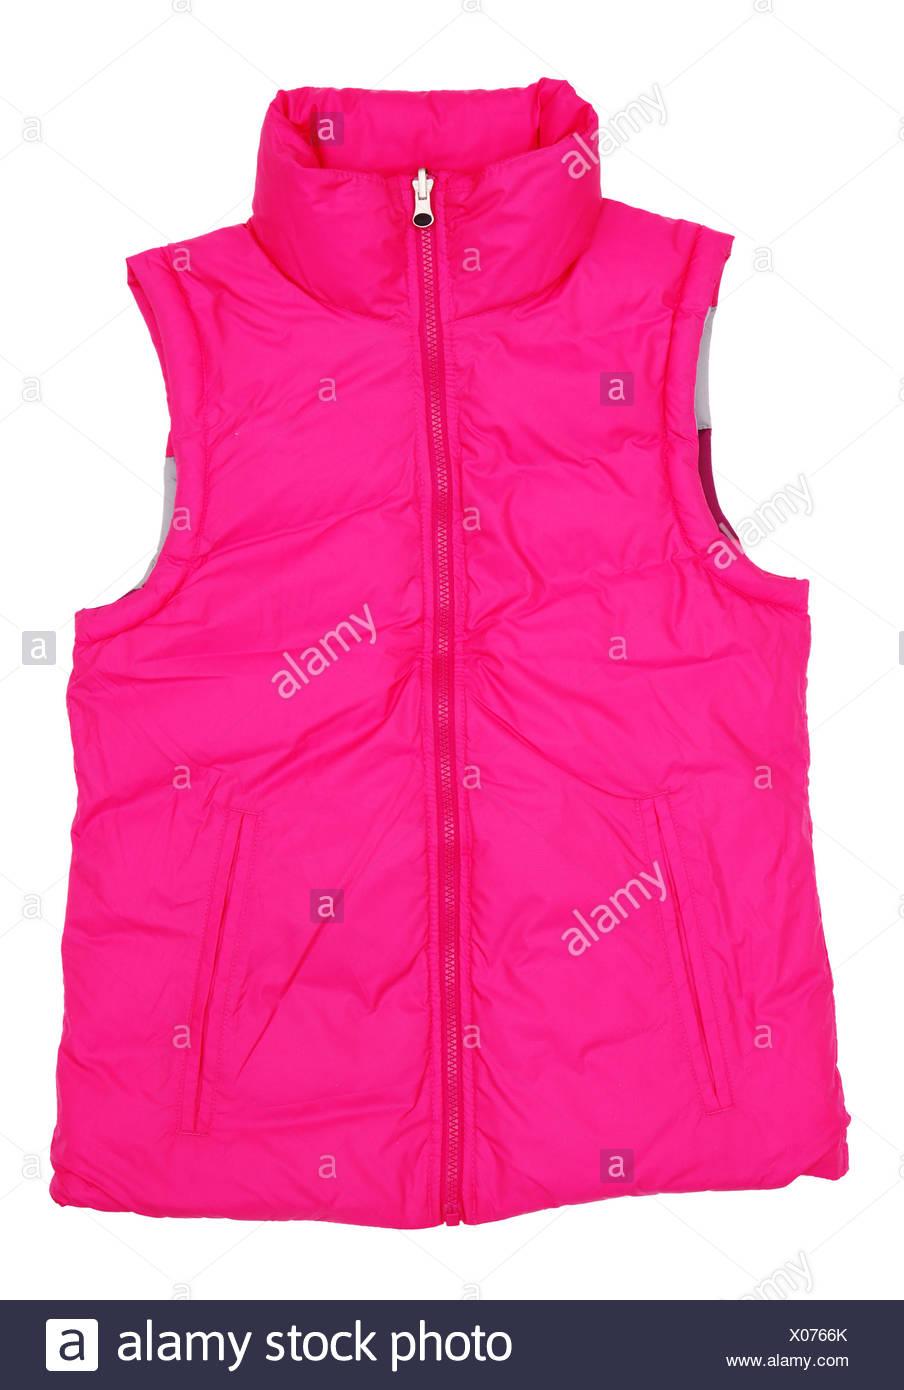 jacket - Stock Image